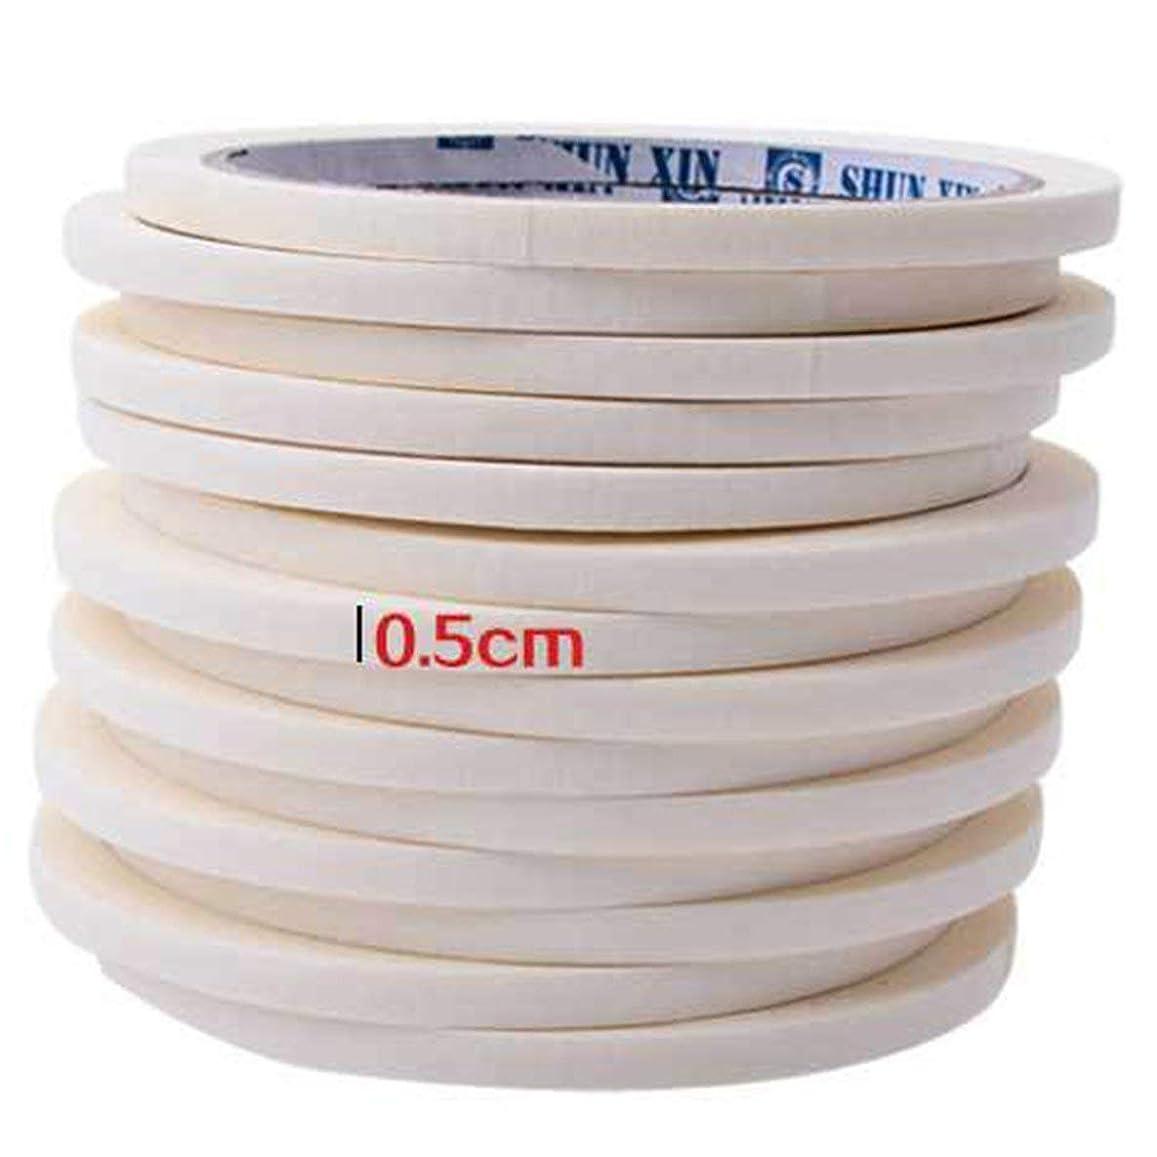 火炎スリッププレフィックスBirdlanternネイルテープ0.5センチマスキングテープ装飾パターンネイルポリッシュツールマニキュアネイルアートネイルテープアクセサリー用マニキュア